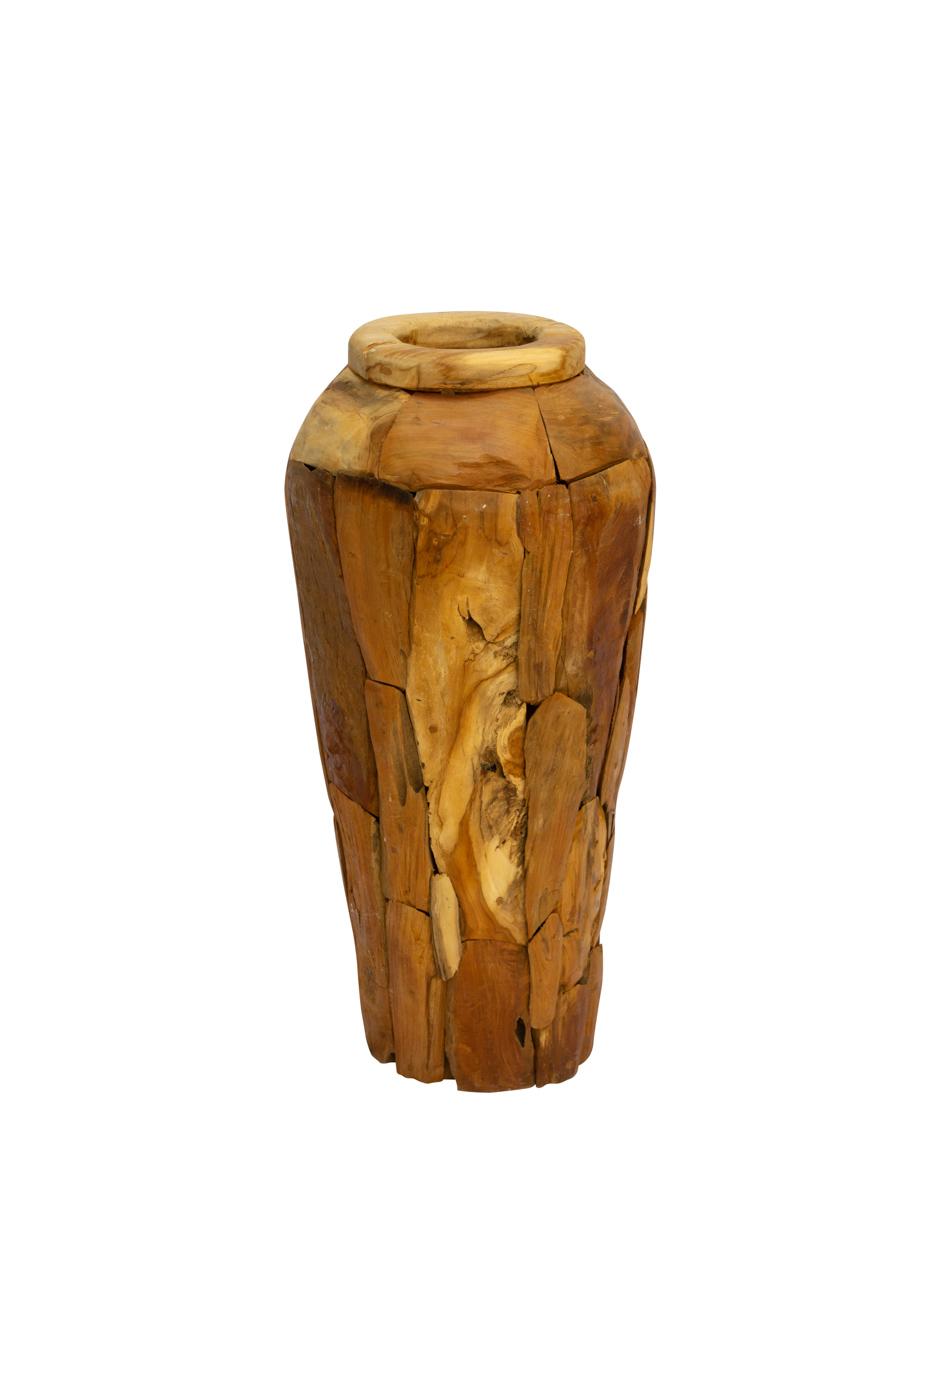 Erosi floor vase in recycled teak wood, 80 Cm